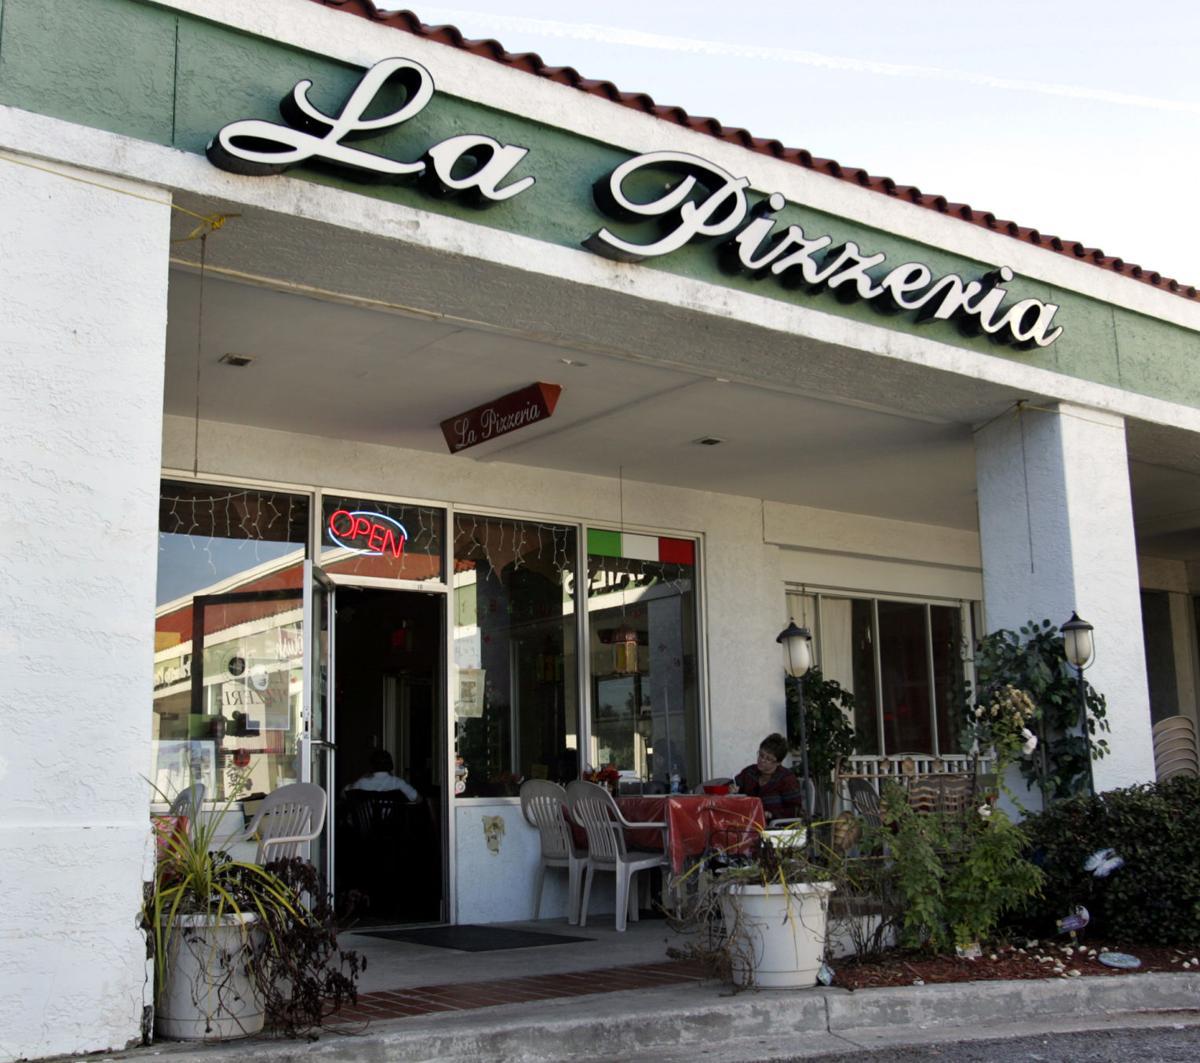 Worker shortage temporarily shuts La Pizzeria